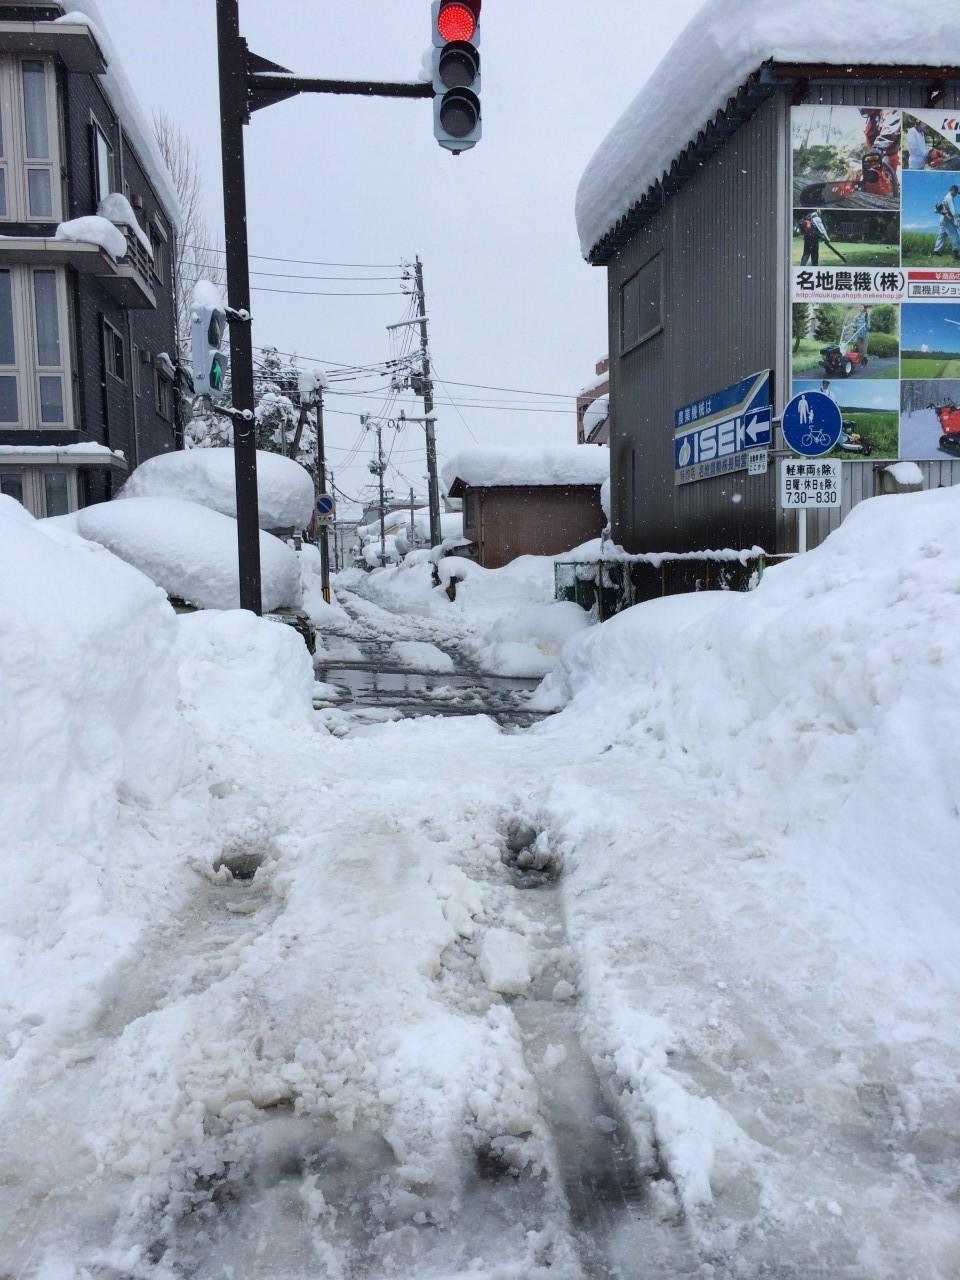 スッタクから脱出後の幹線道路からの交差点近くの現場。硬く凍った雪の上に亀が乗った状態でした。